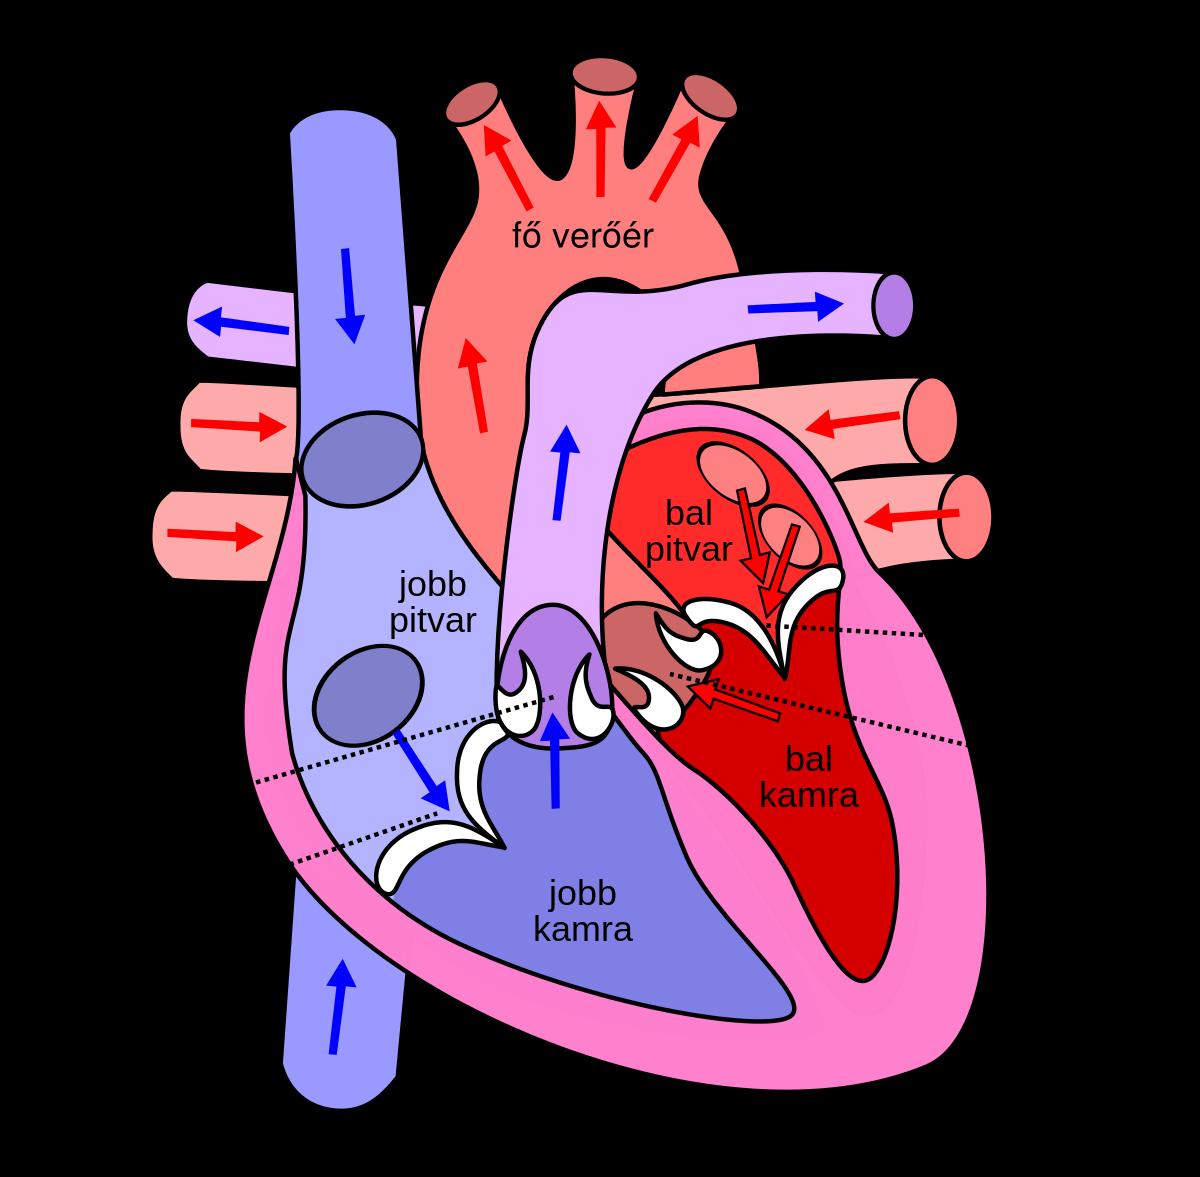 bal pitvari magas vérnyomás mi ez az EKG jelei magas vérnyomásban